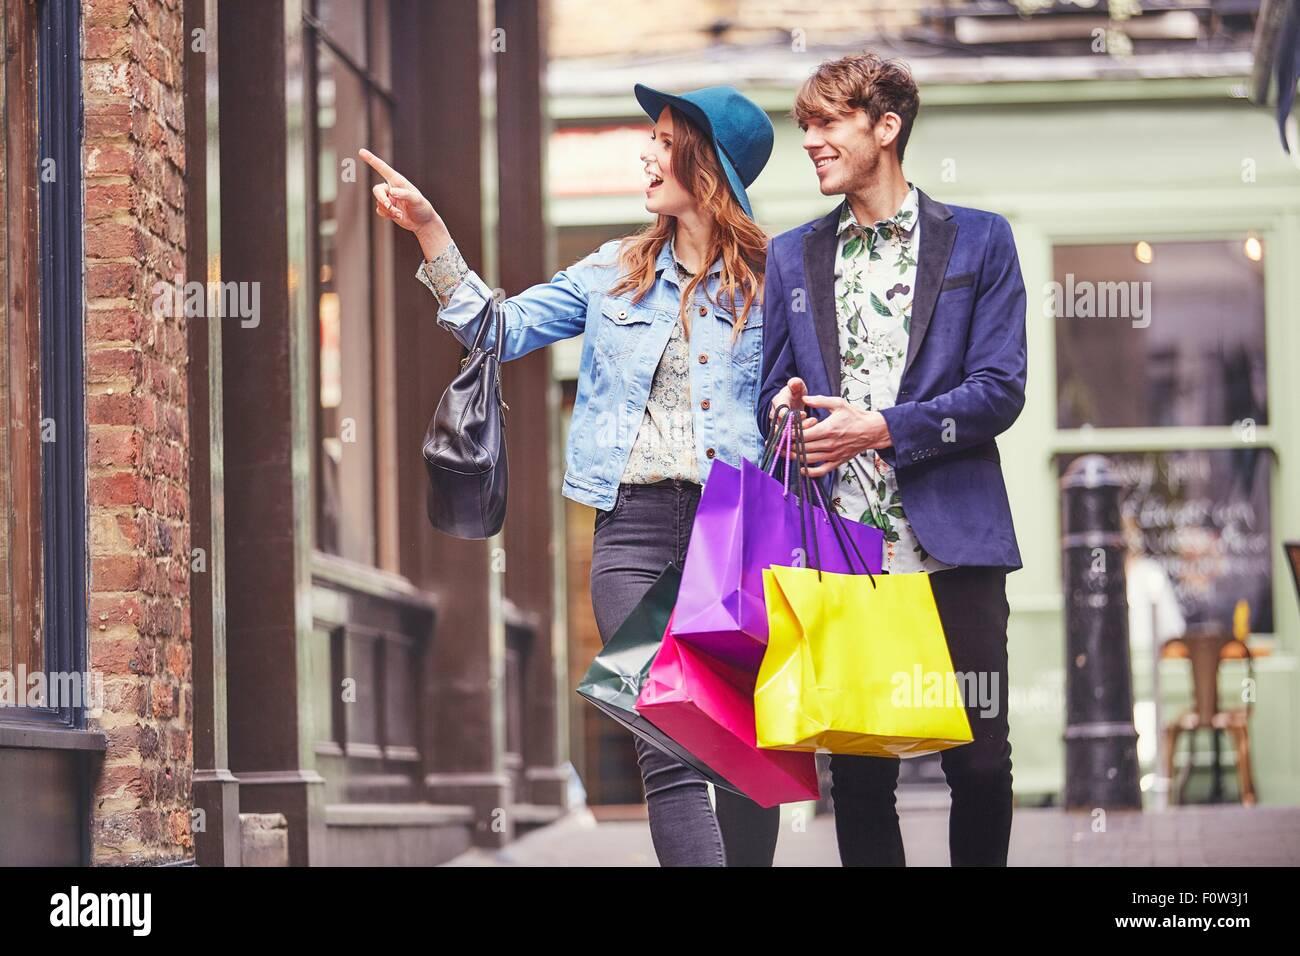 Stylish couple pointing at shop window, London, UK - Stock Image